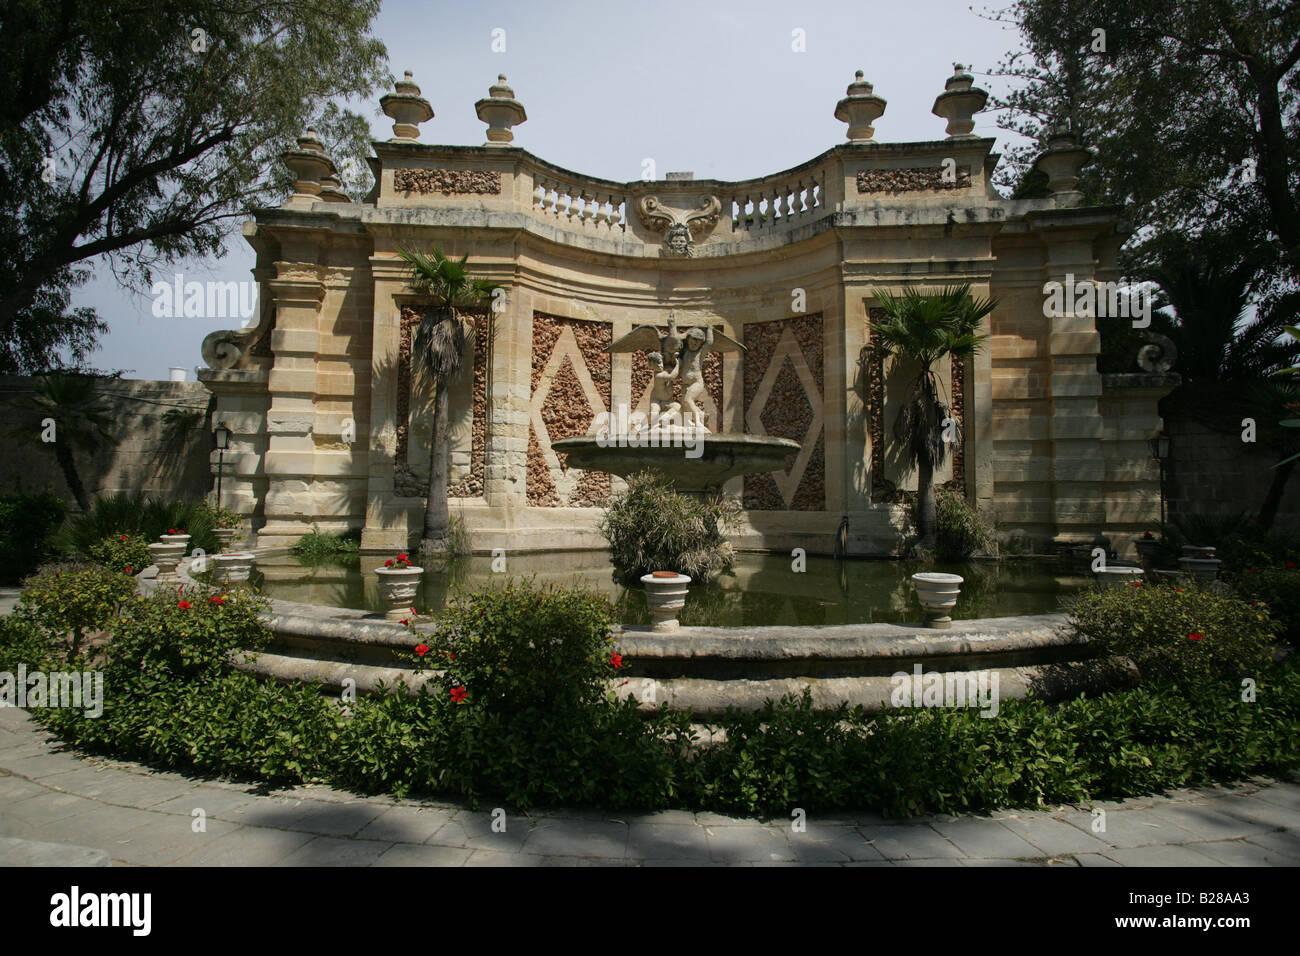 San Anton Palace Stock Photos & San Anton Palace Stock Images - Alamy